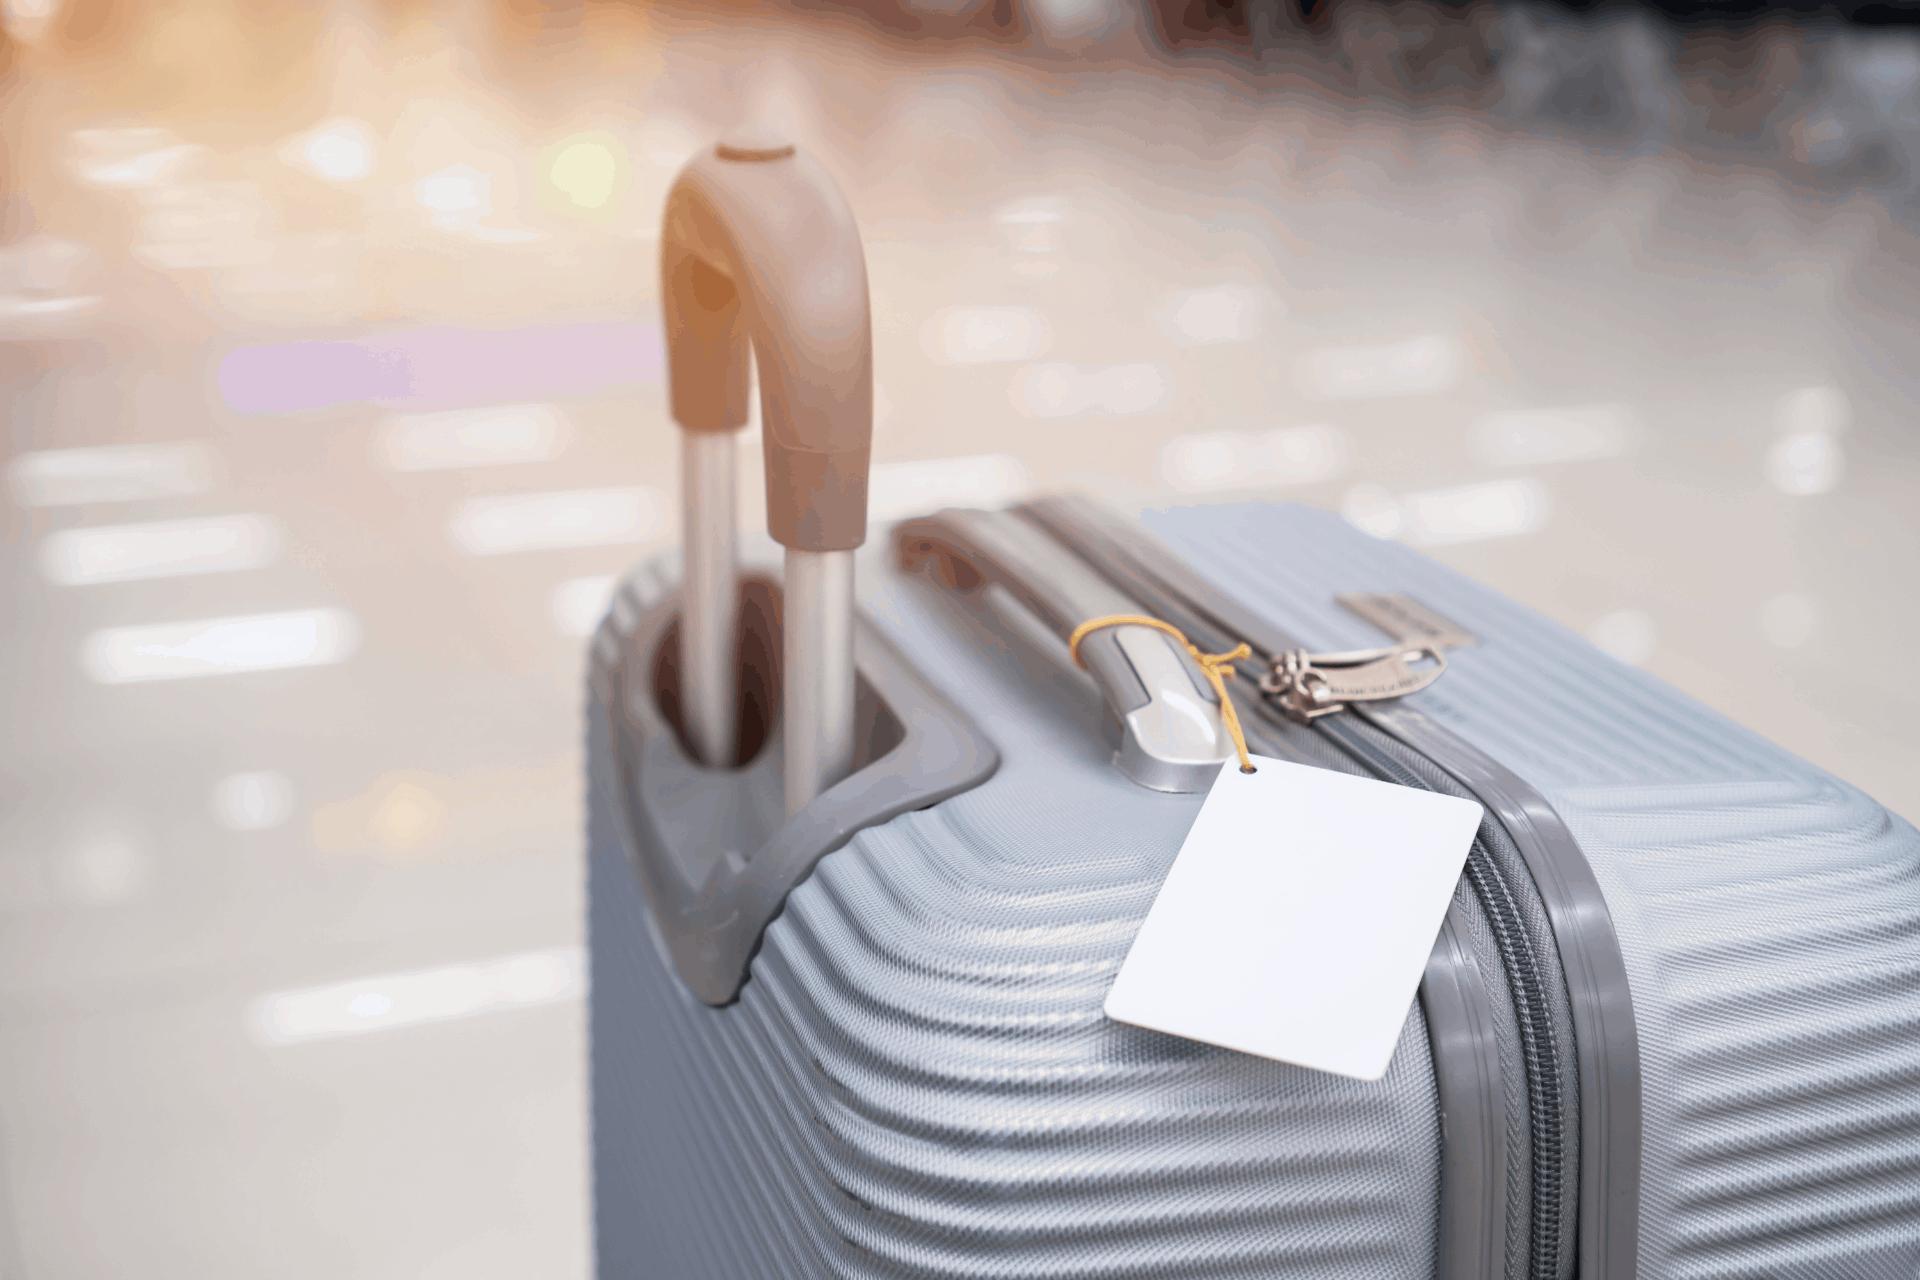 sÅdan smØr dit bagagehÅndtag